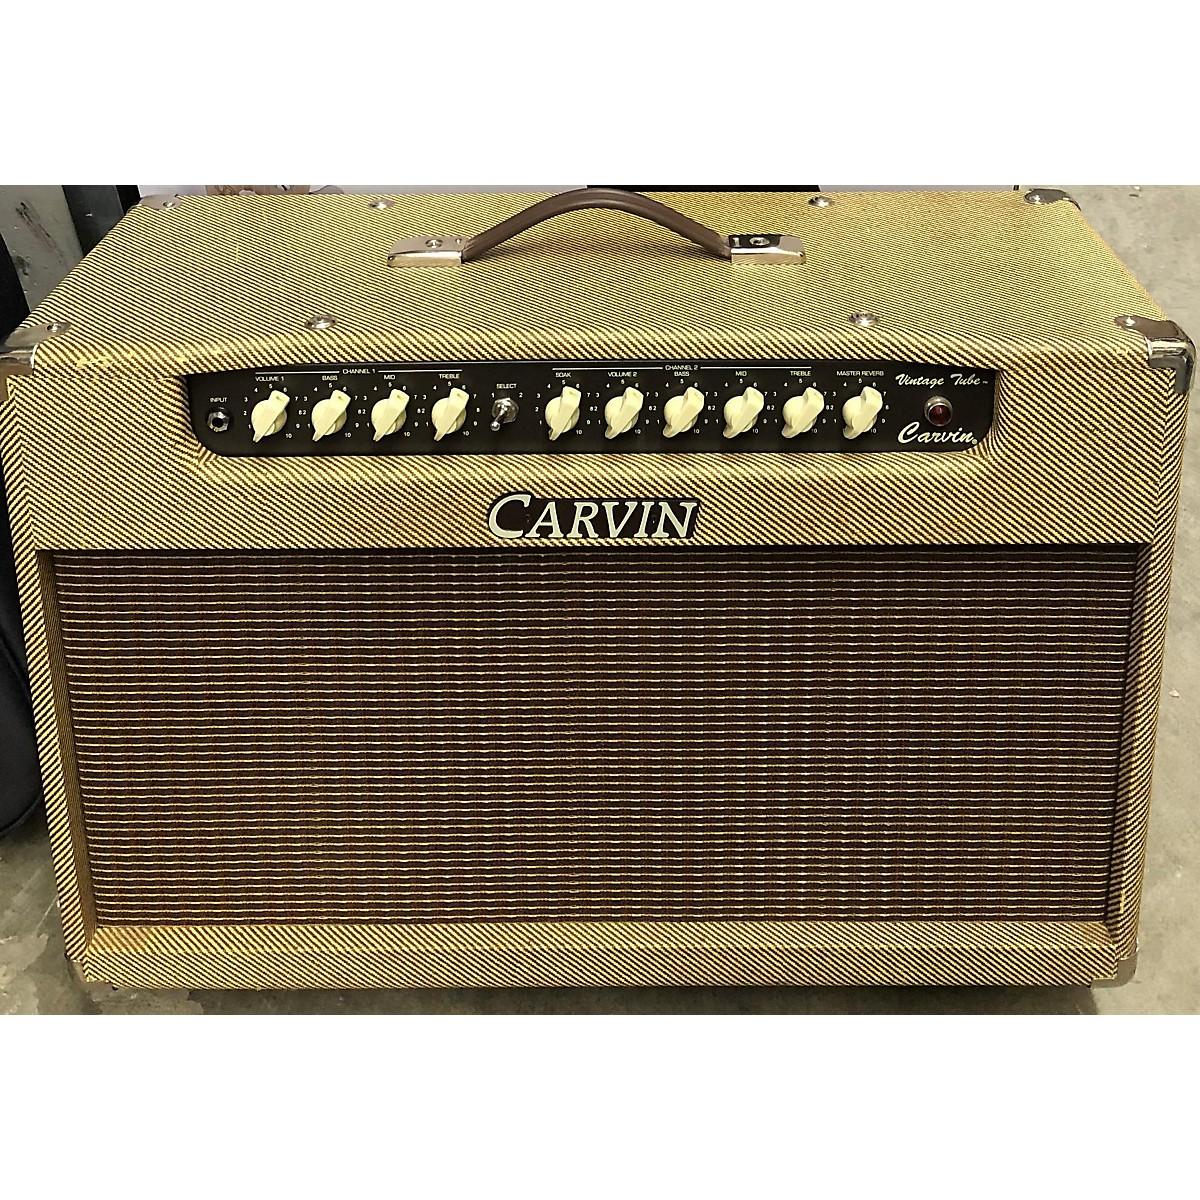 Carvin Bel Air 212 Tube Guitar Combo Amp